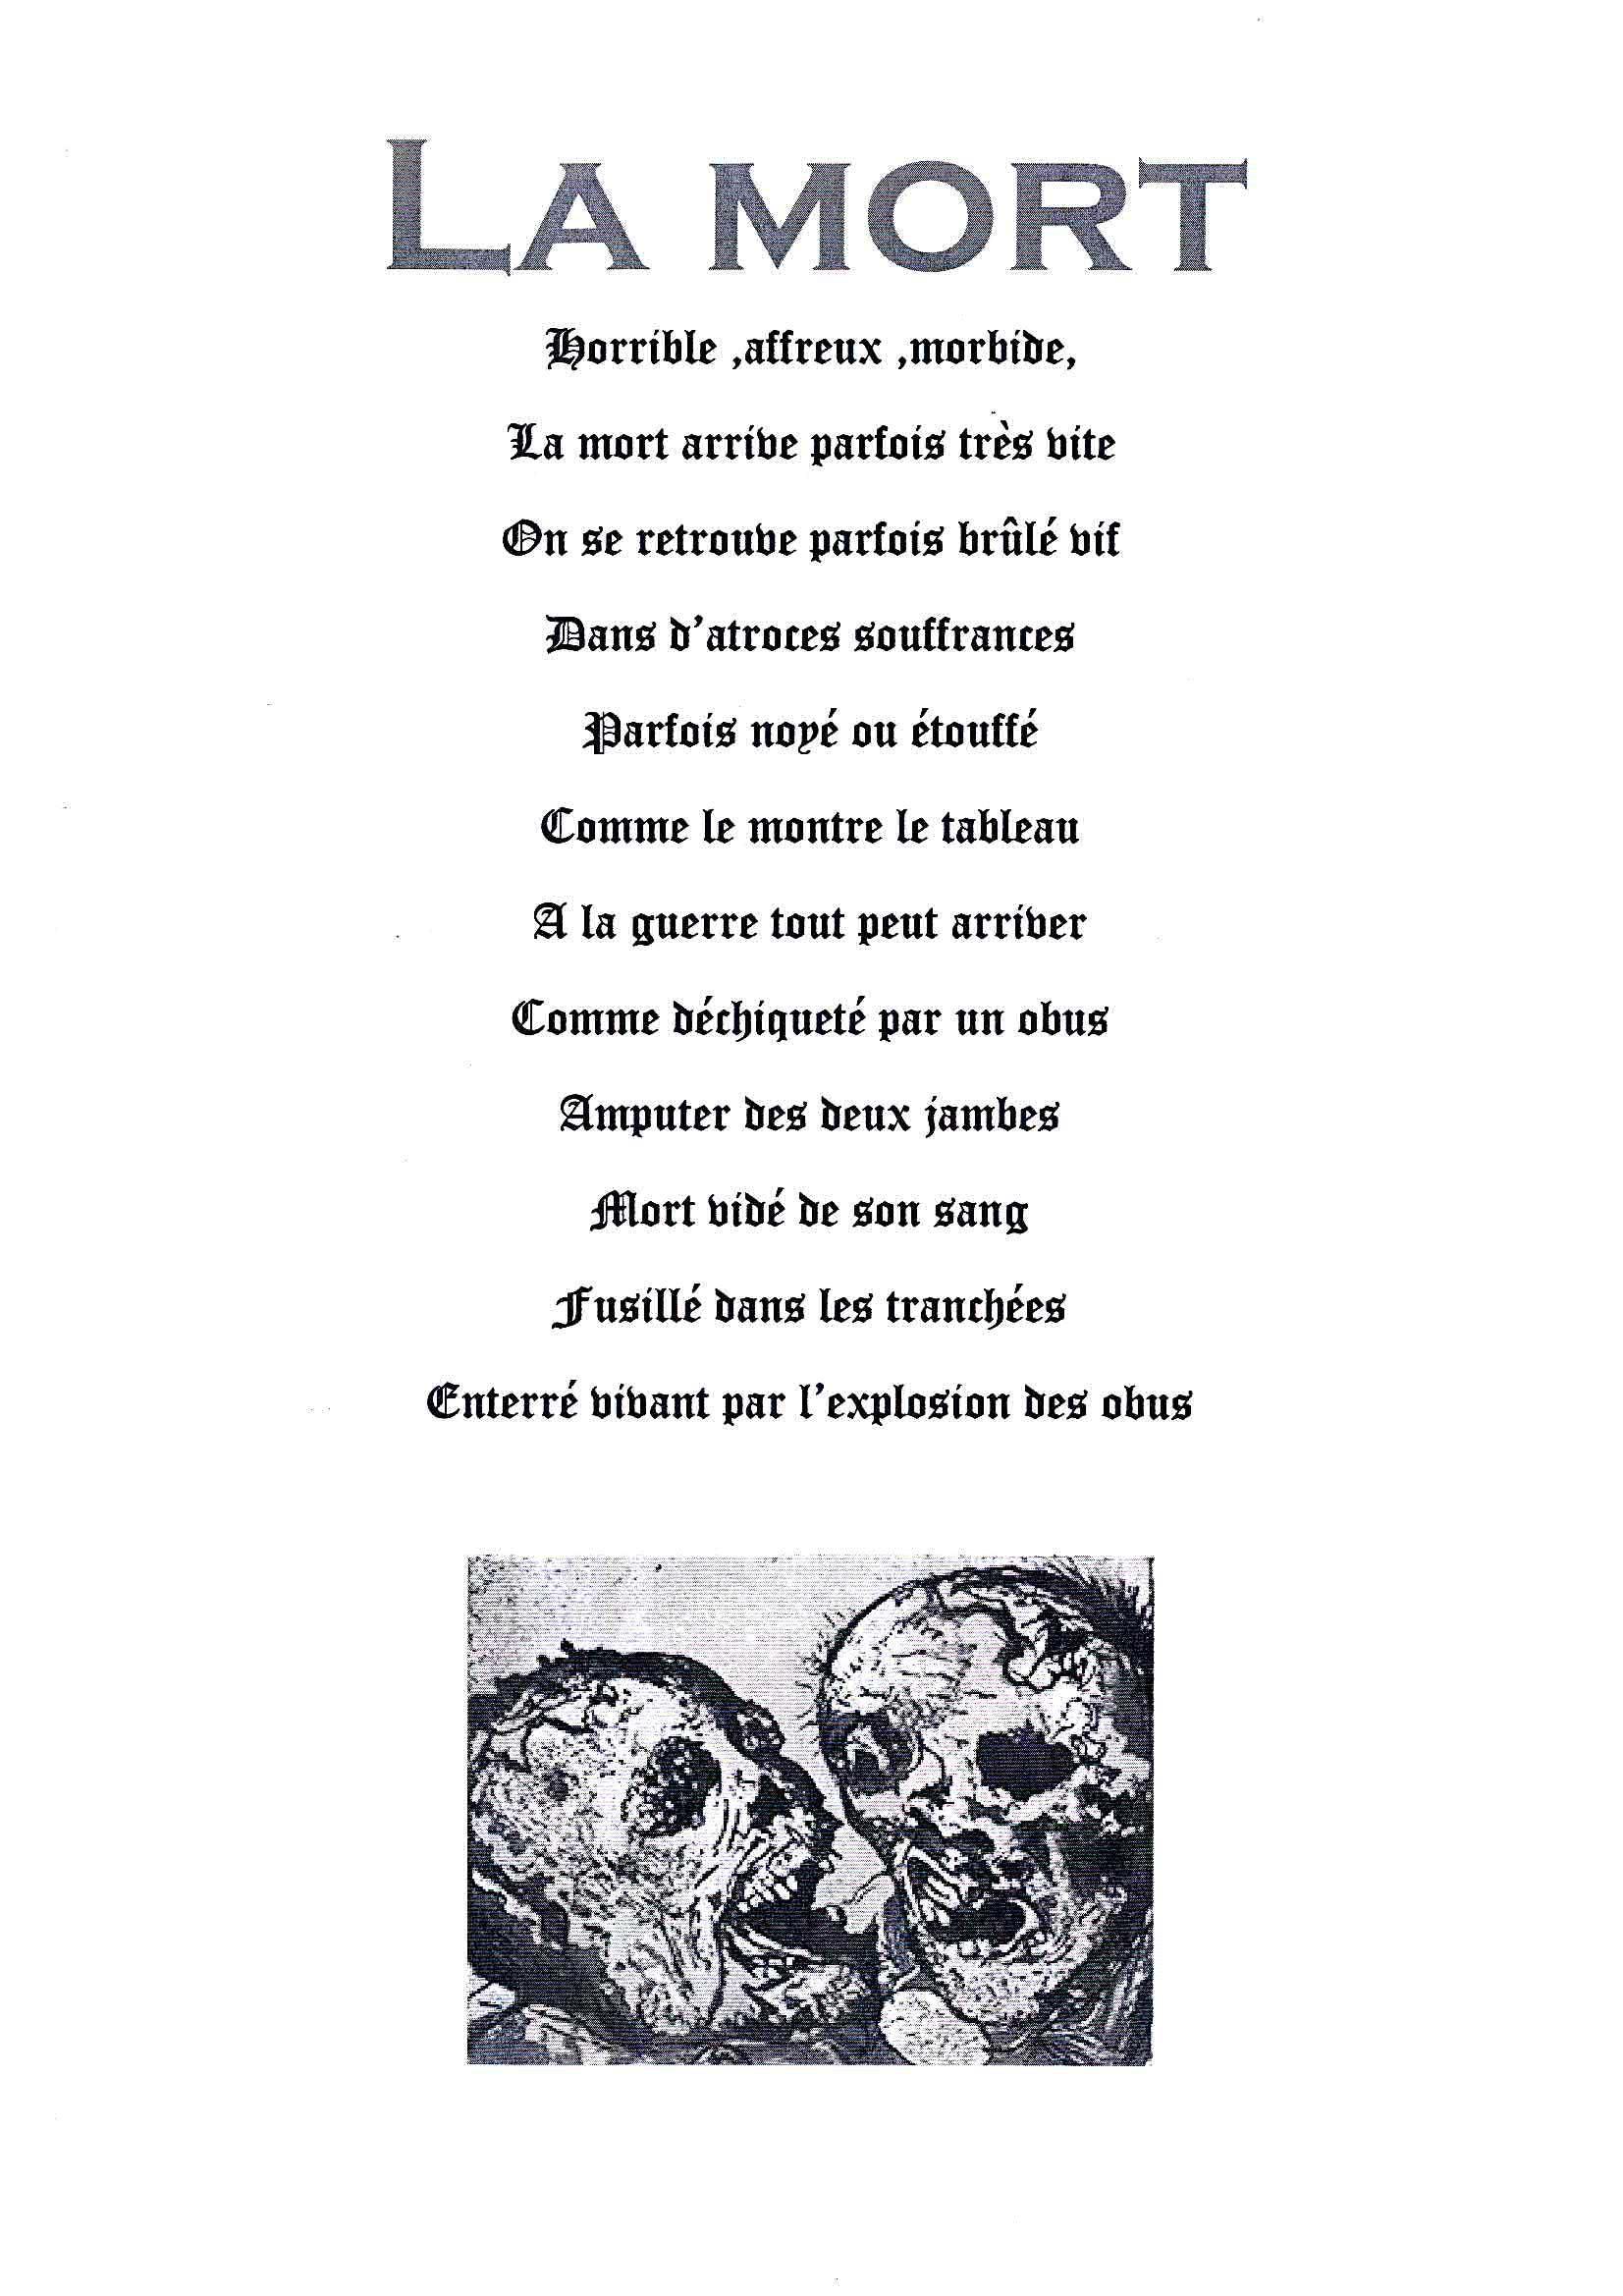 poesie sur la mort